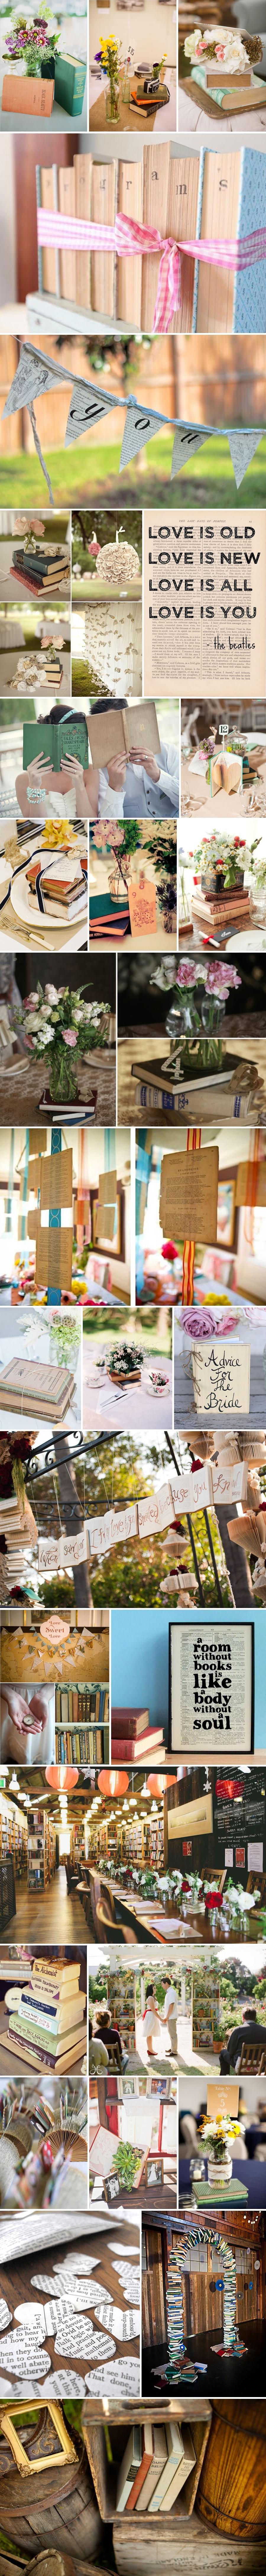 1 najwspanialsze dekoracje ślubne i weselne pomysły inspiracje książki z książek dla moli ksiażkowych